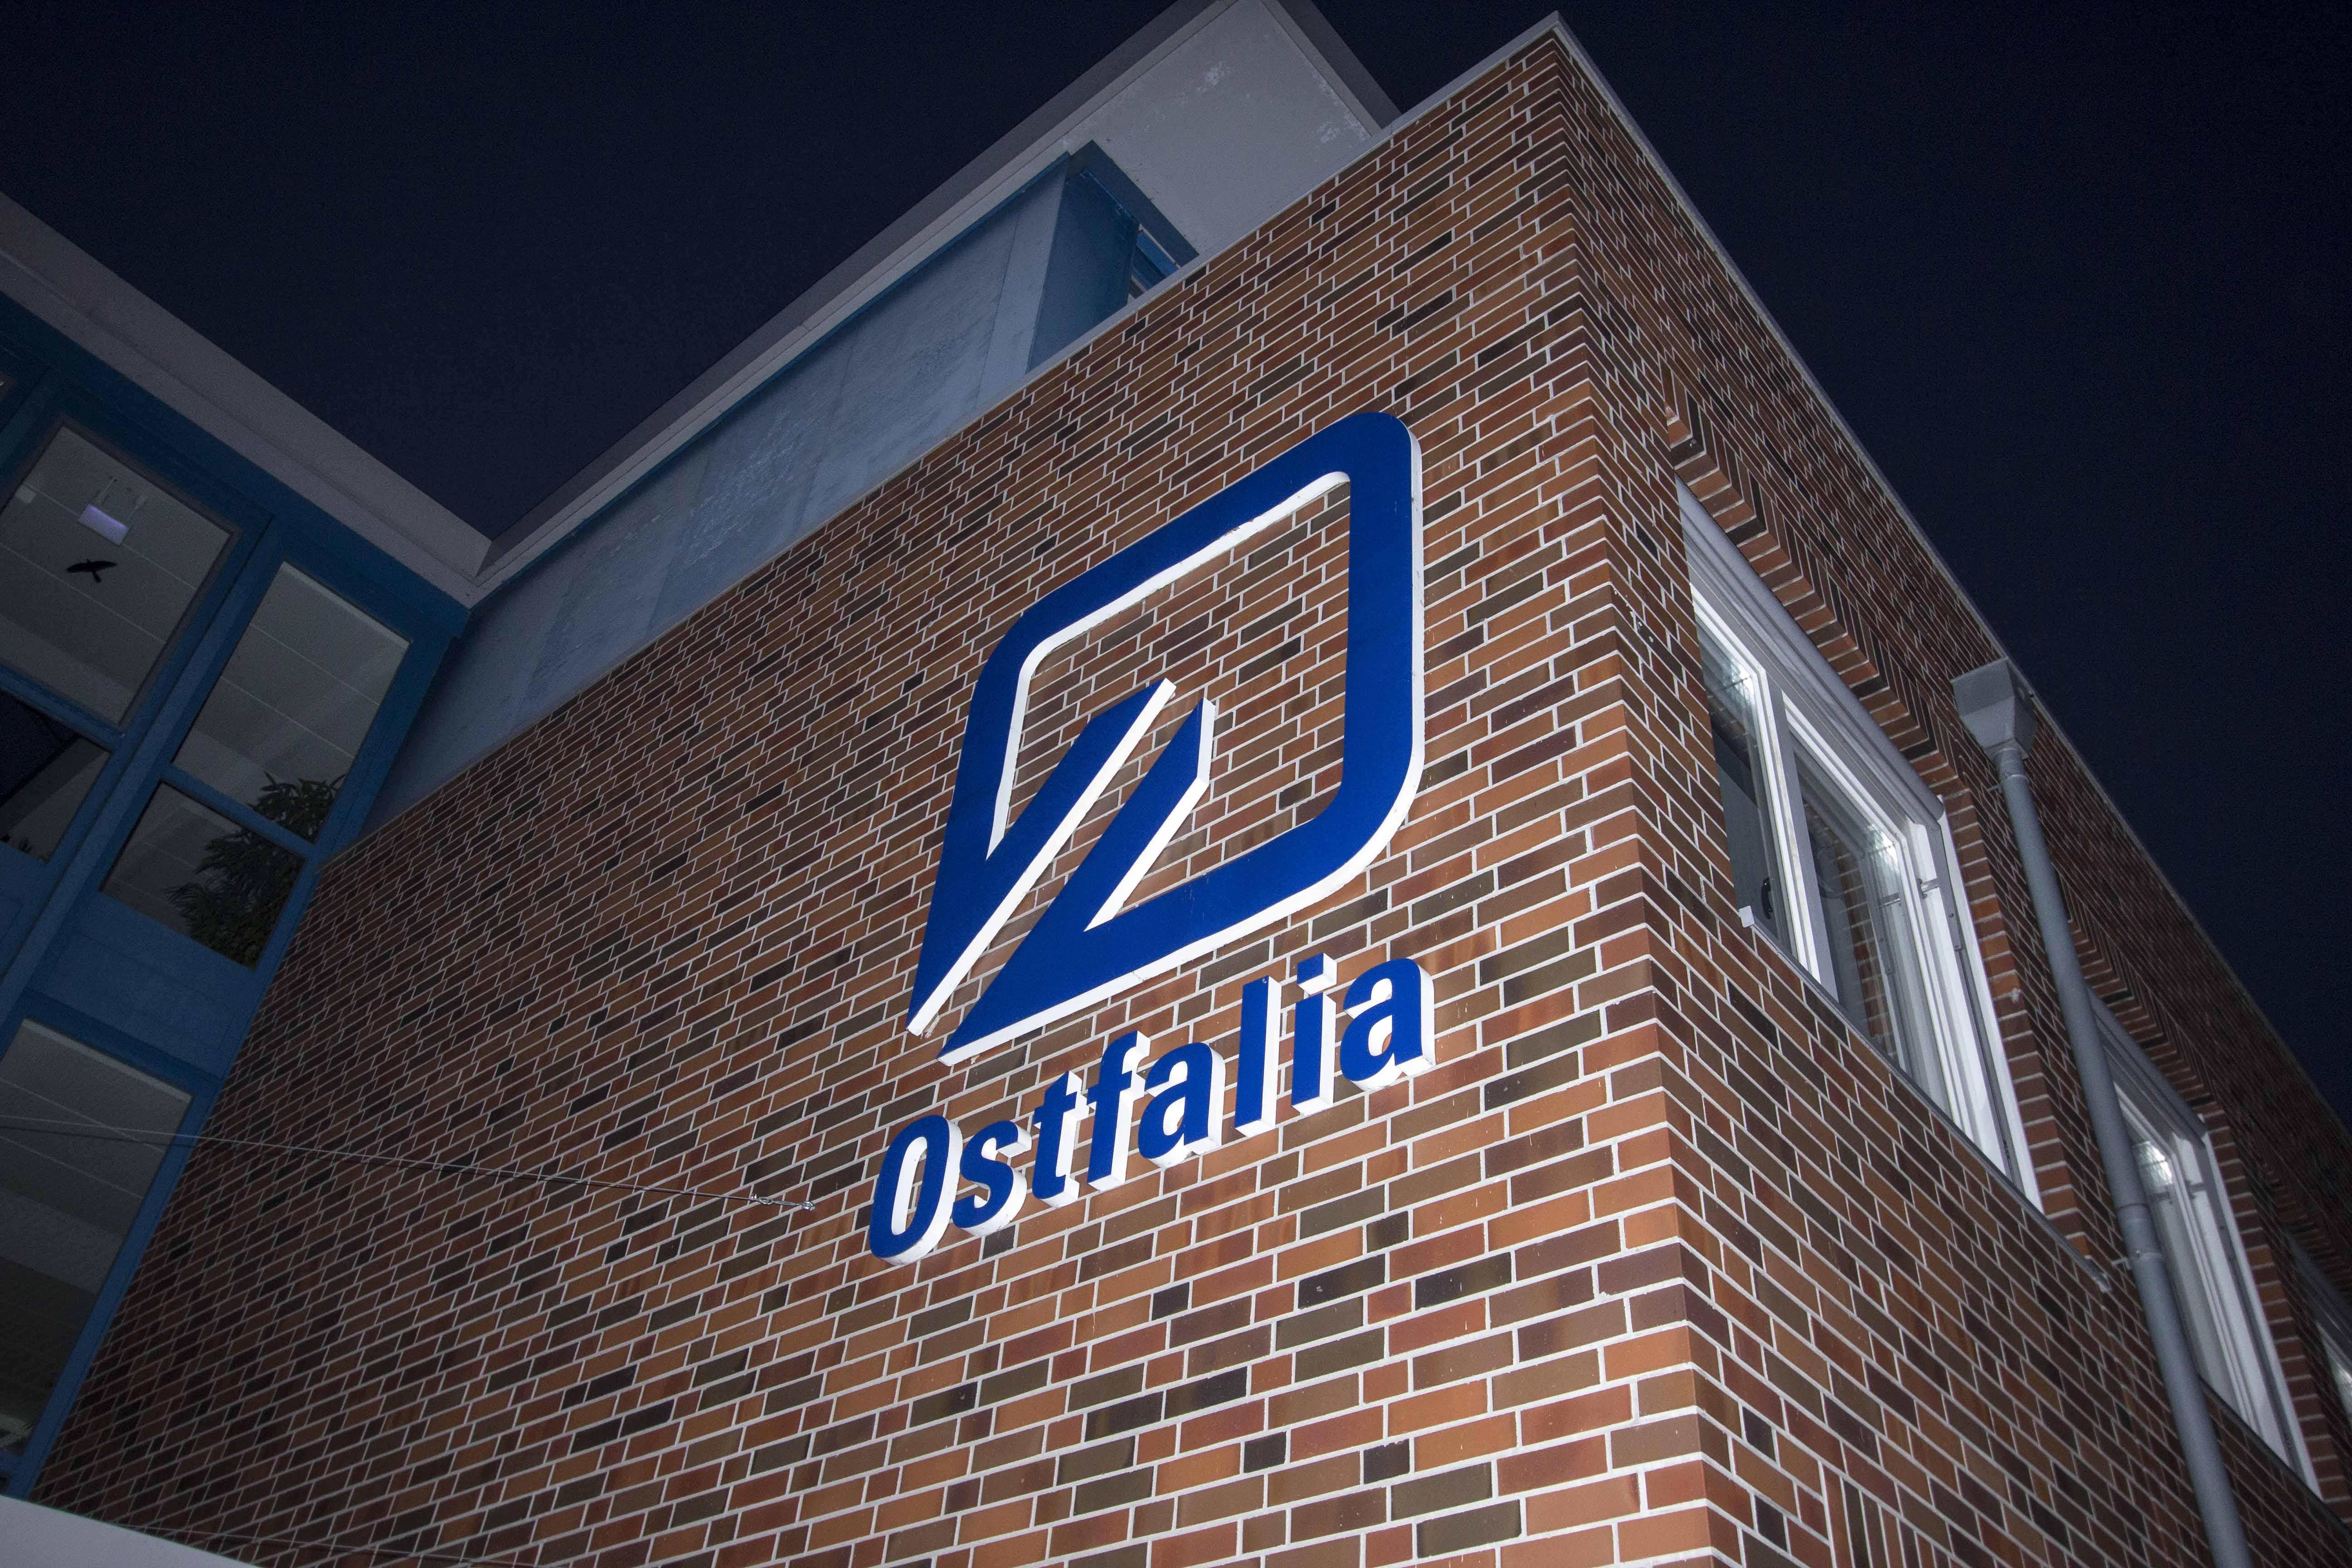 ostfalia-uni-kinderuni